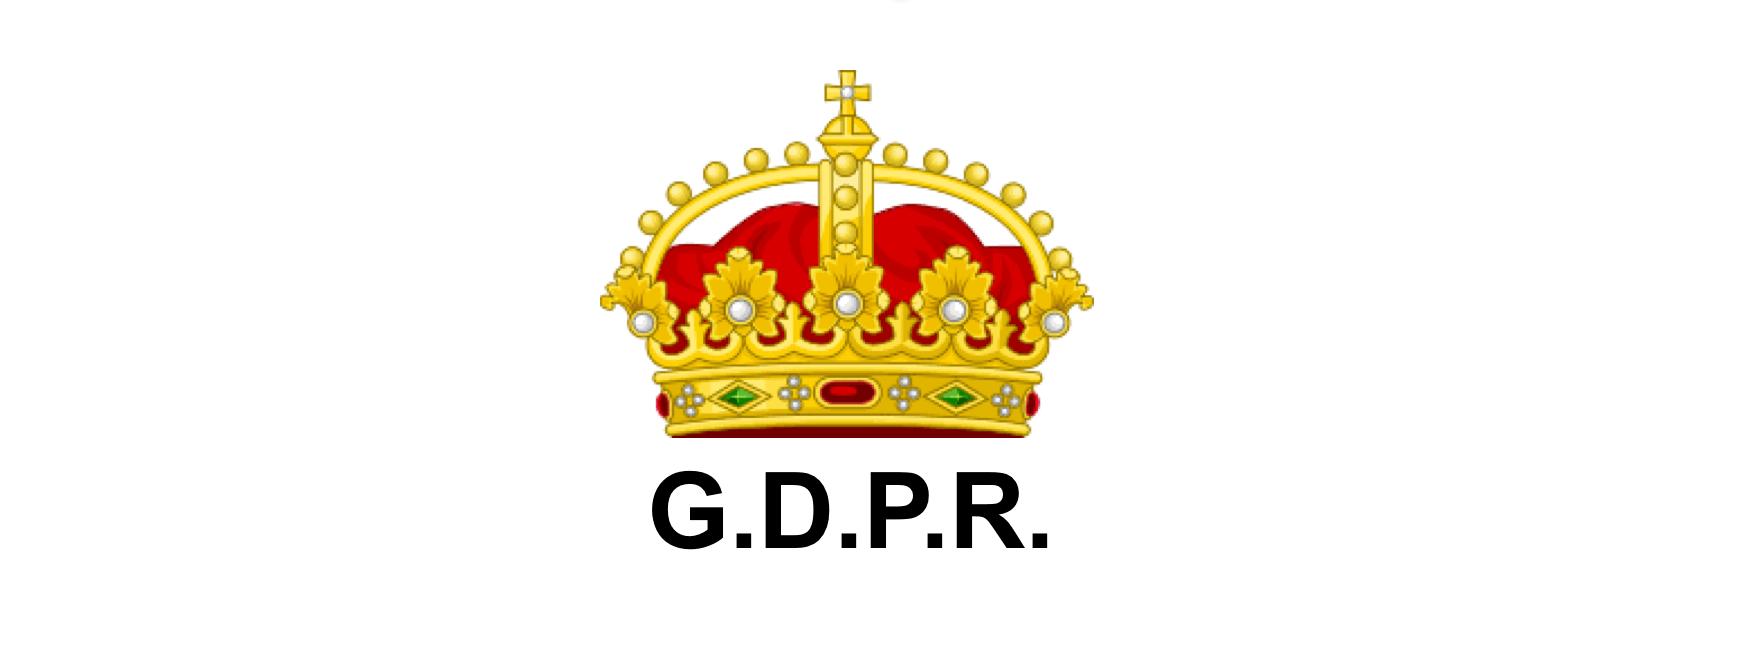 Open Data assicurazioni GDPR